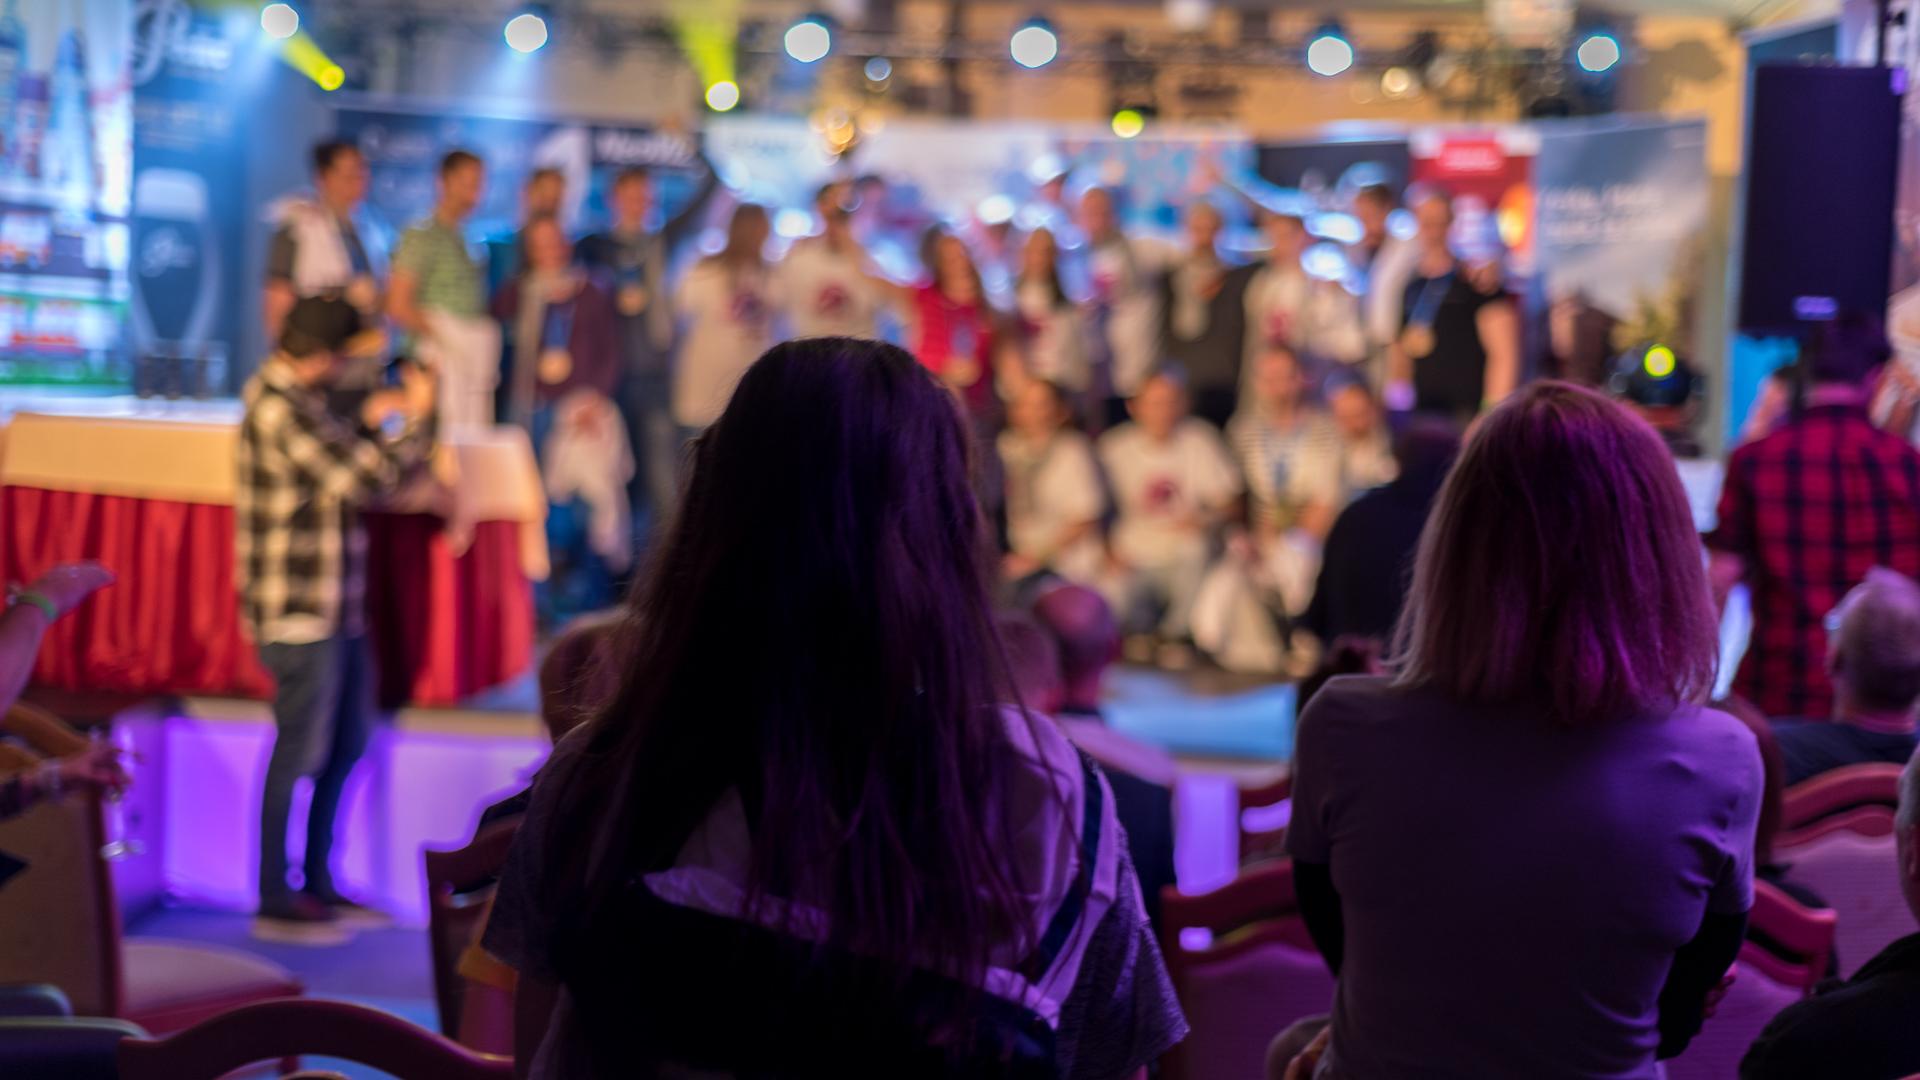 Eventový fotograf, fotograf na konferenciu, prednášku, event, podujatie -  - eventovy fotograf